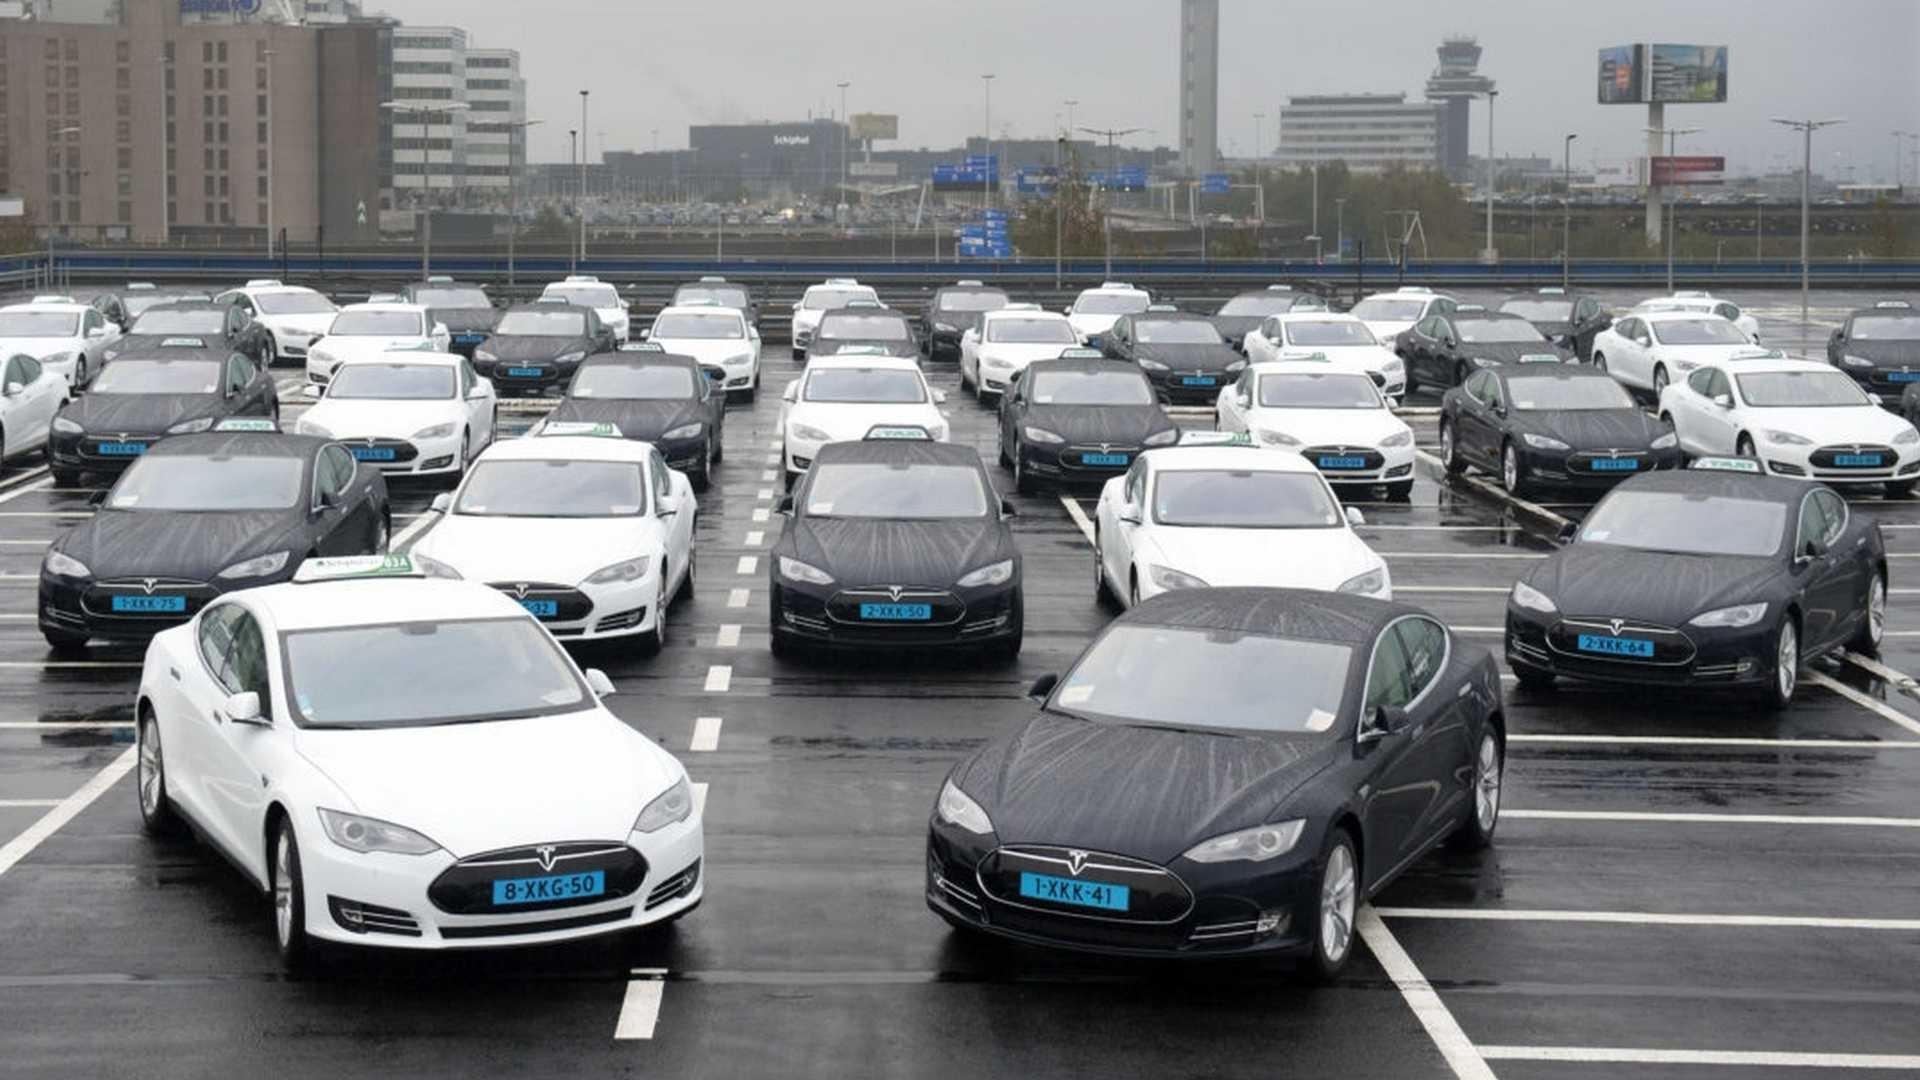 Mașinile Tesla nu sunt construite așa bine pe cât sugerează Elon Musk